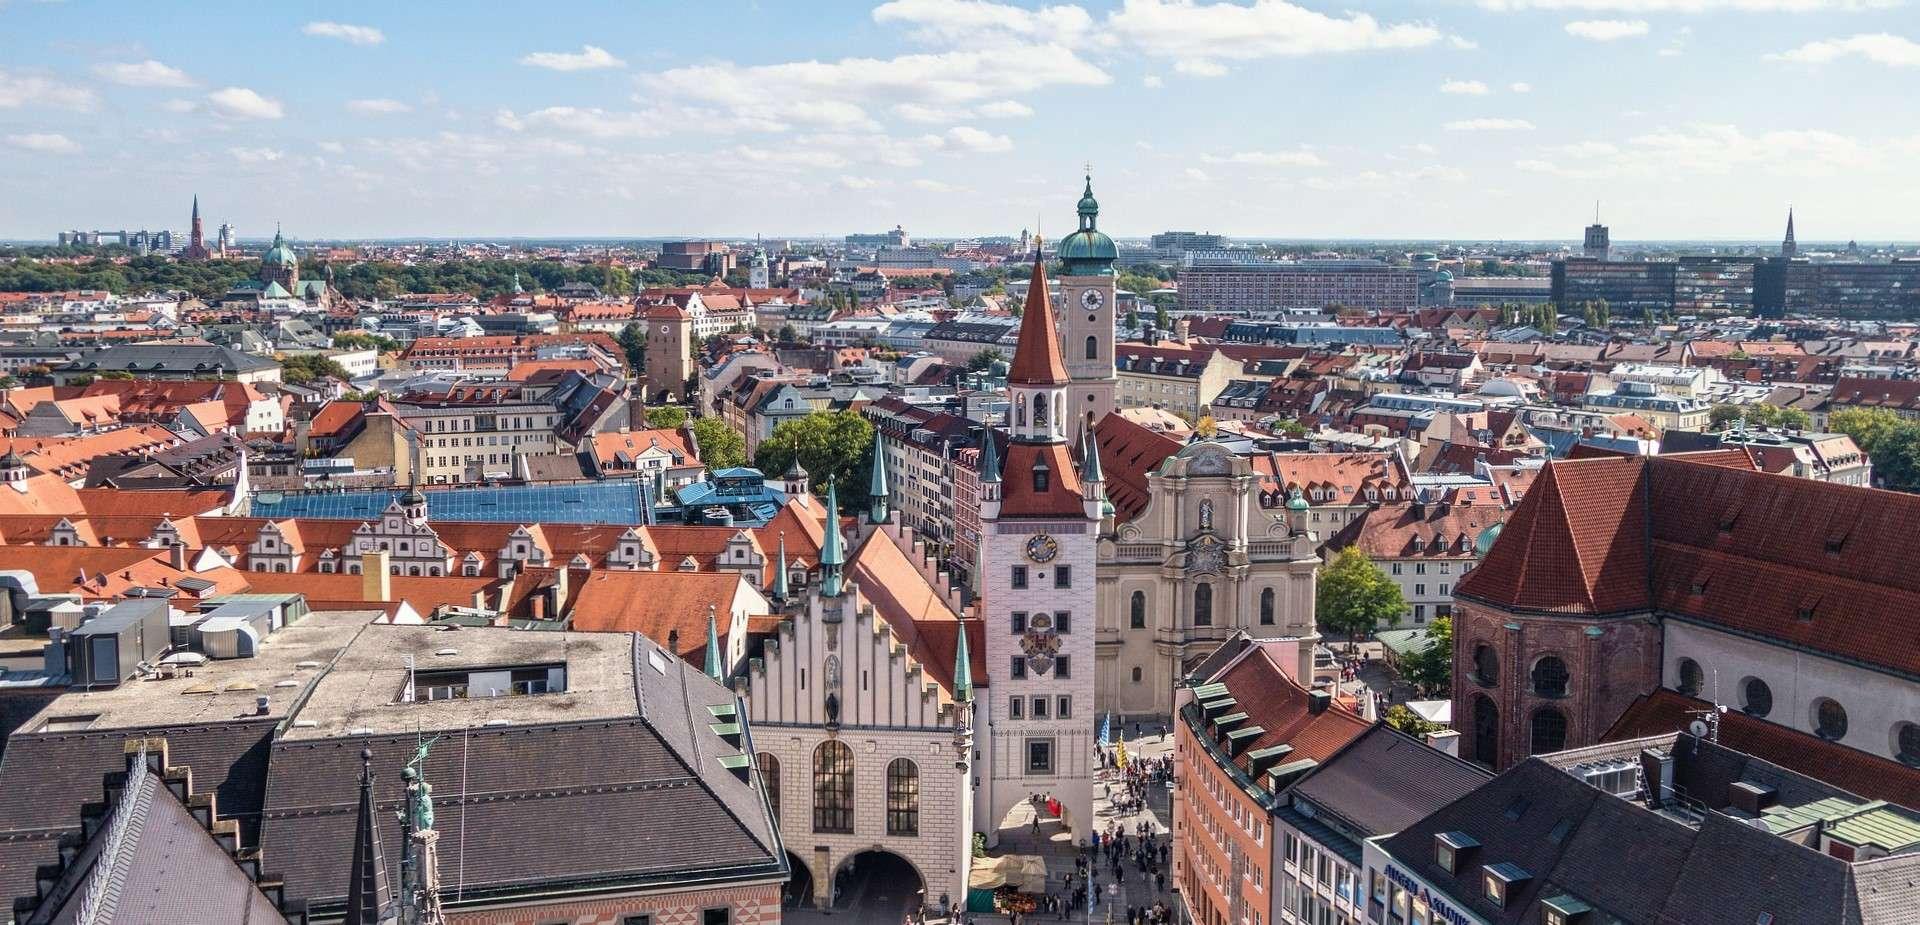 Direktflüge und Billigflüge ab Hamburg nach München